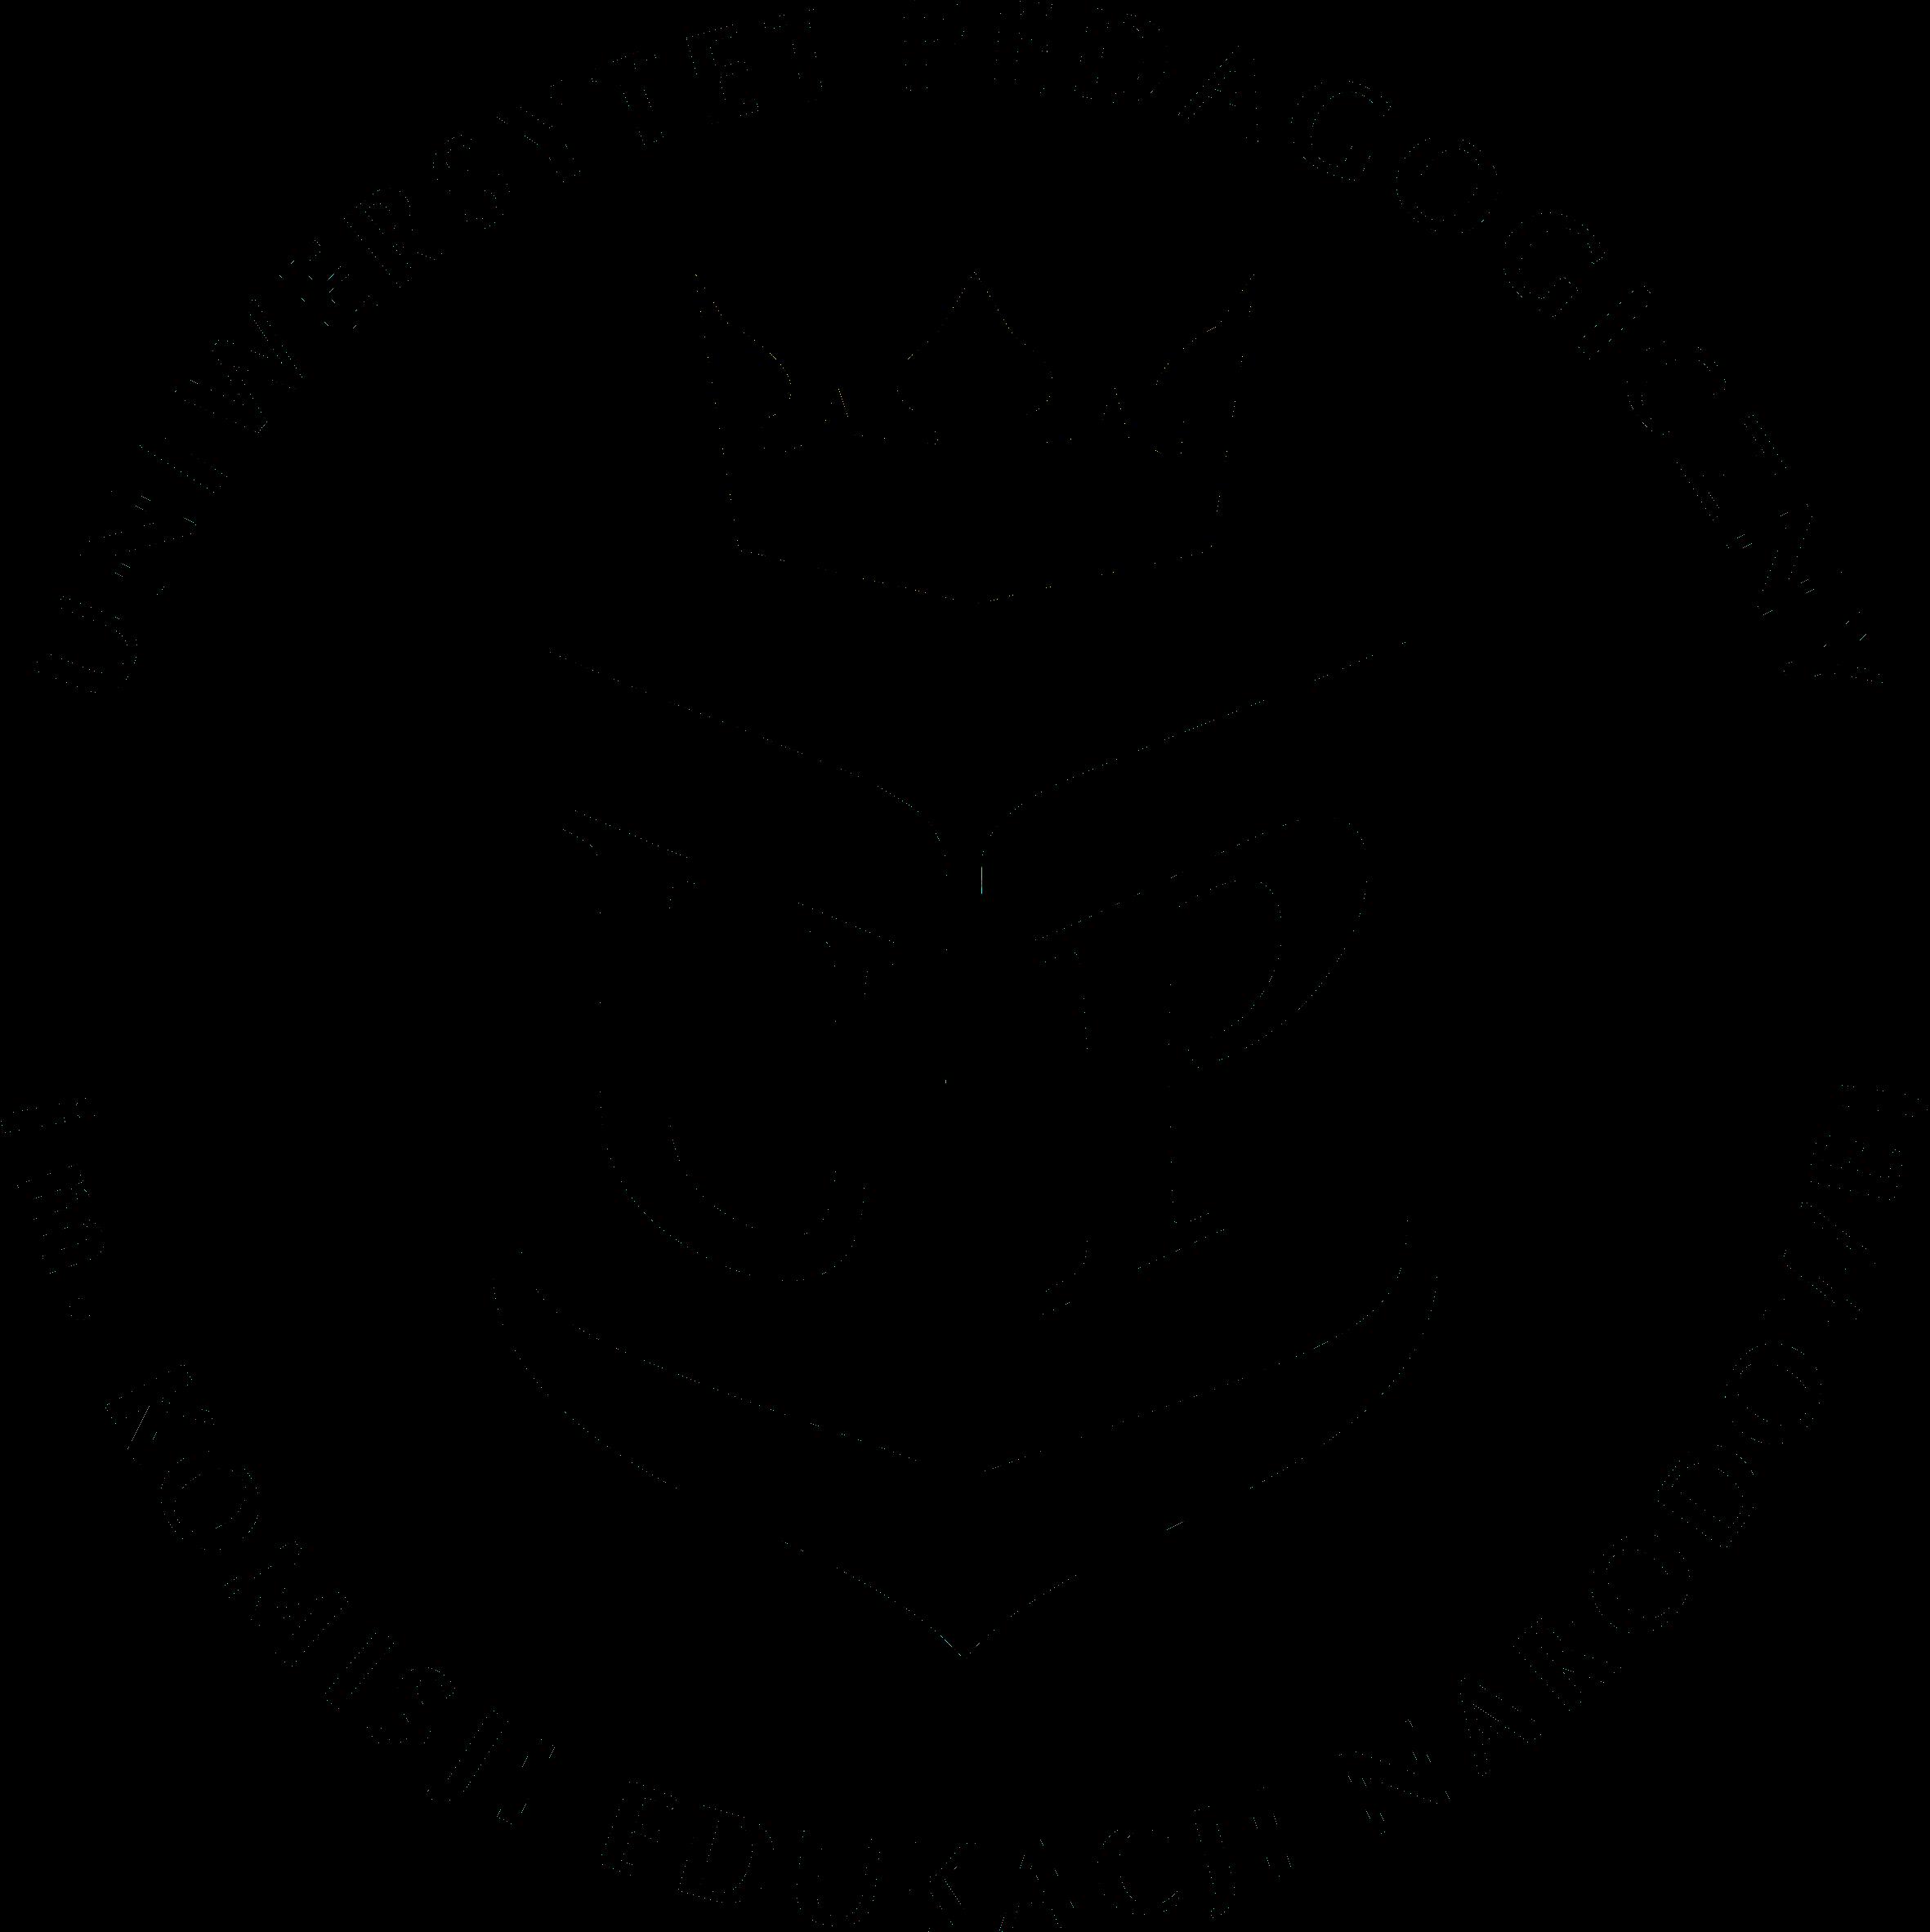 Czarno białe logo. Drukowane litery U oraz P wpisane w rysunek otwartej księgi gdzie każda z liter zajmuje całą stronę. Księga umieszczona w kształcie herbu, nad którym unosi się korona. Napis 'Uniwersytet Pedagogiczny im. Komisji Edukacji Narodowych' poprowadzony dookoła rysunku zamyka się w kręgu.